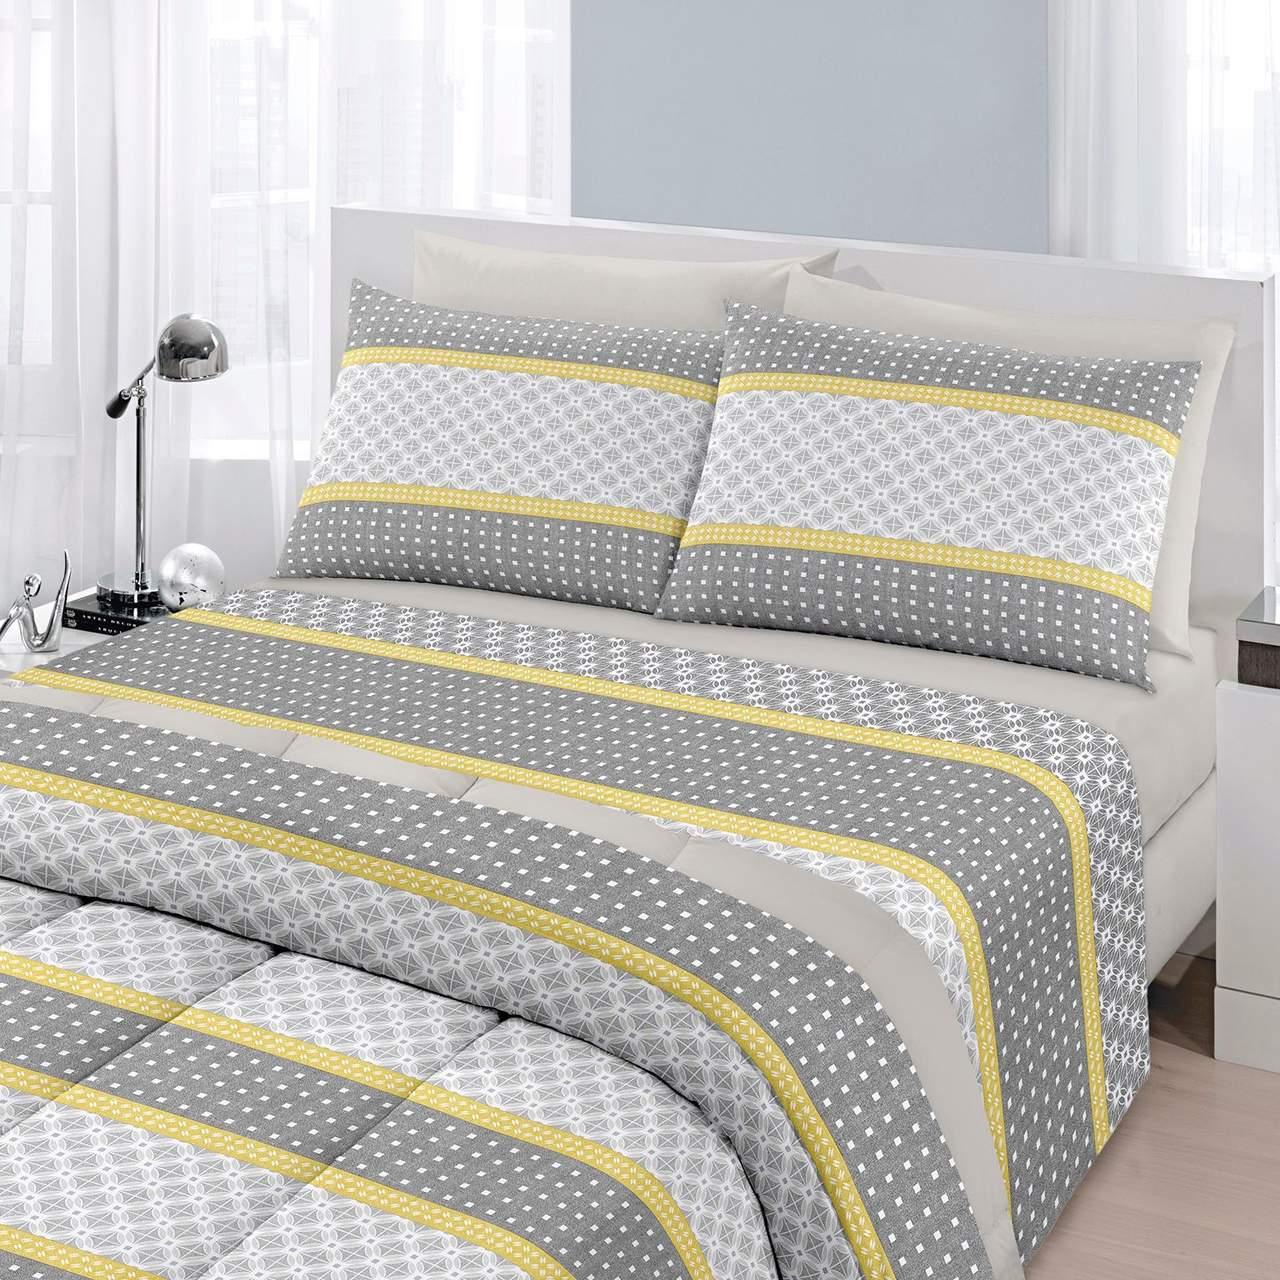 Jogo de cama solteiro Royal Berlin 1 100% algodão estampado - Santista